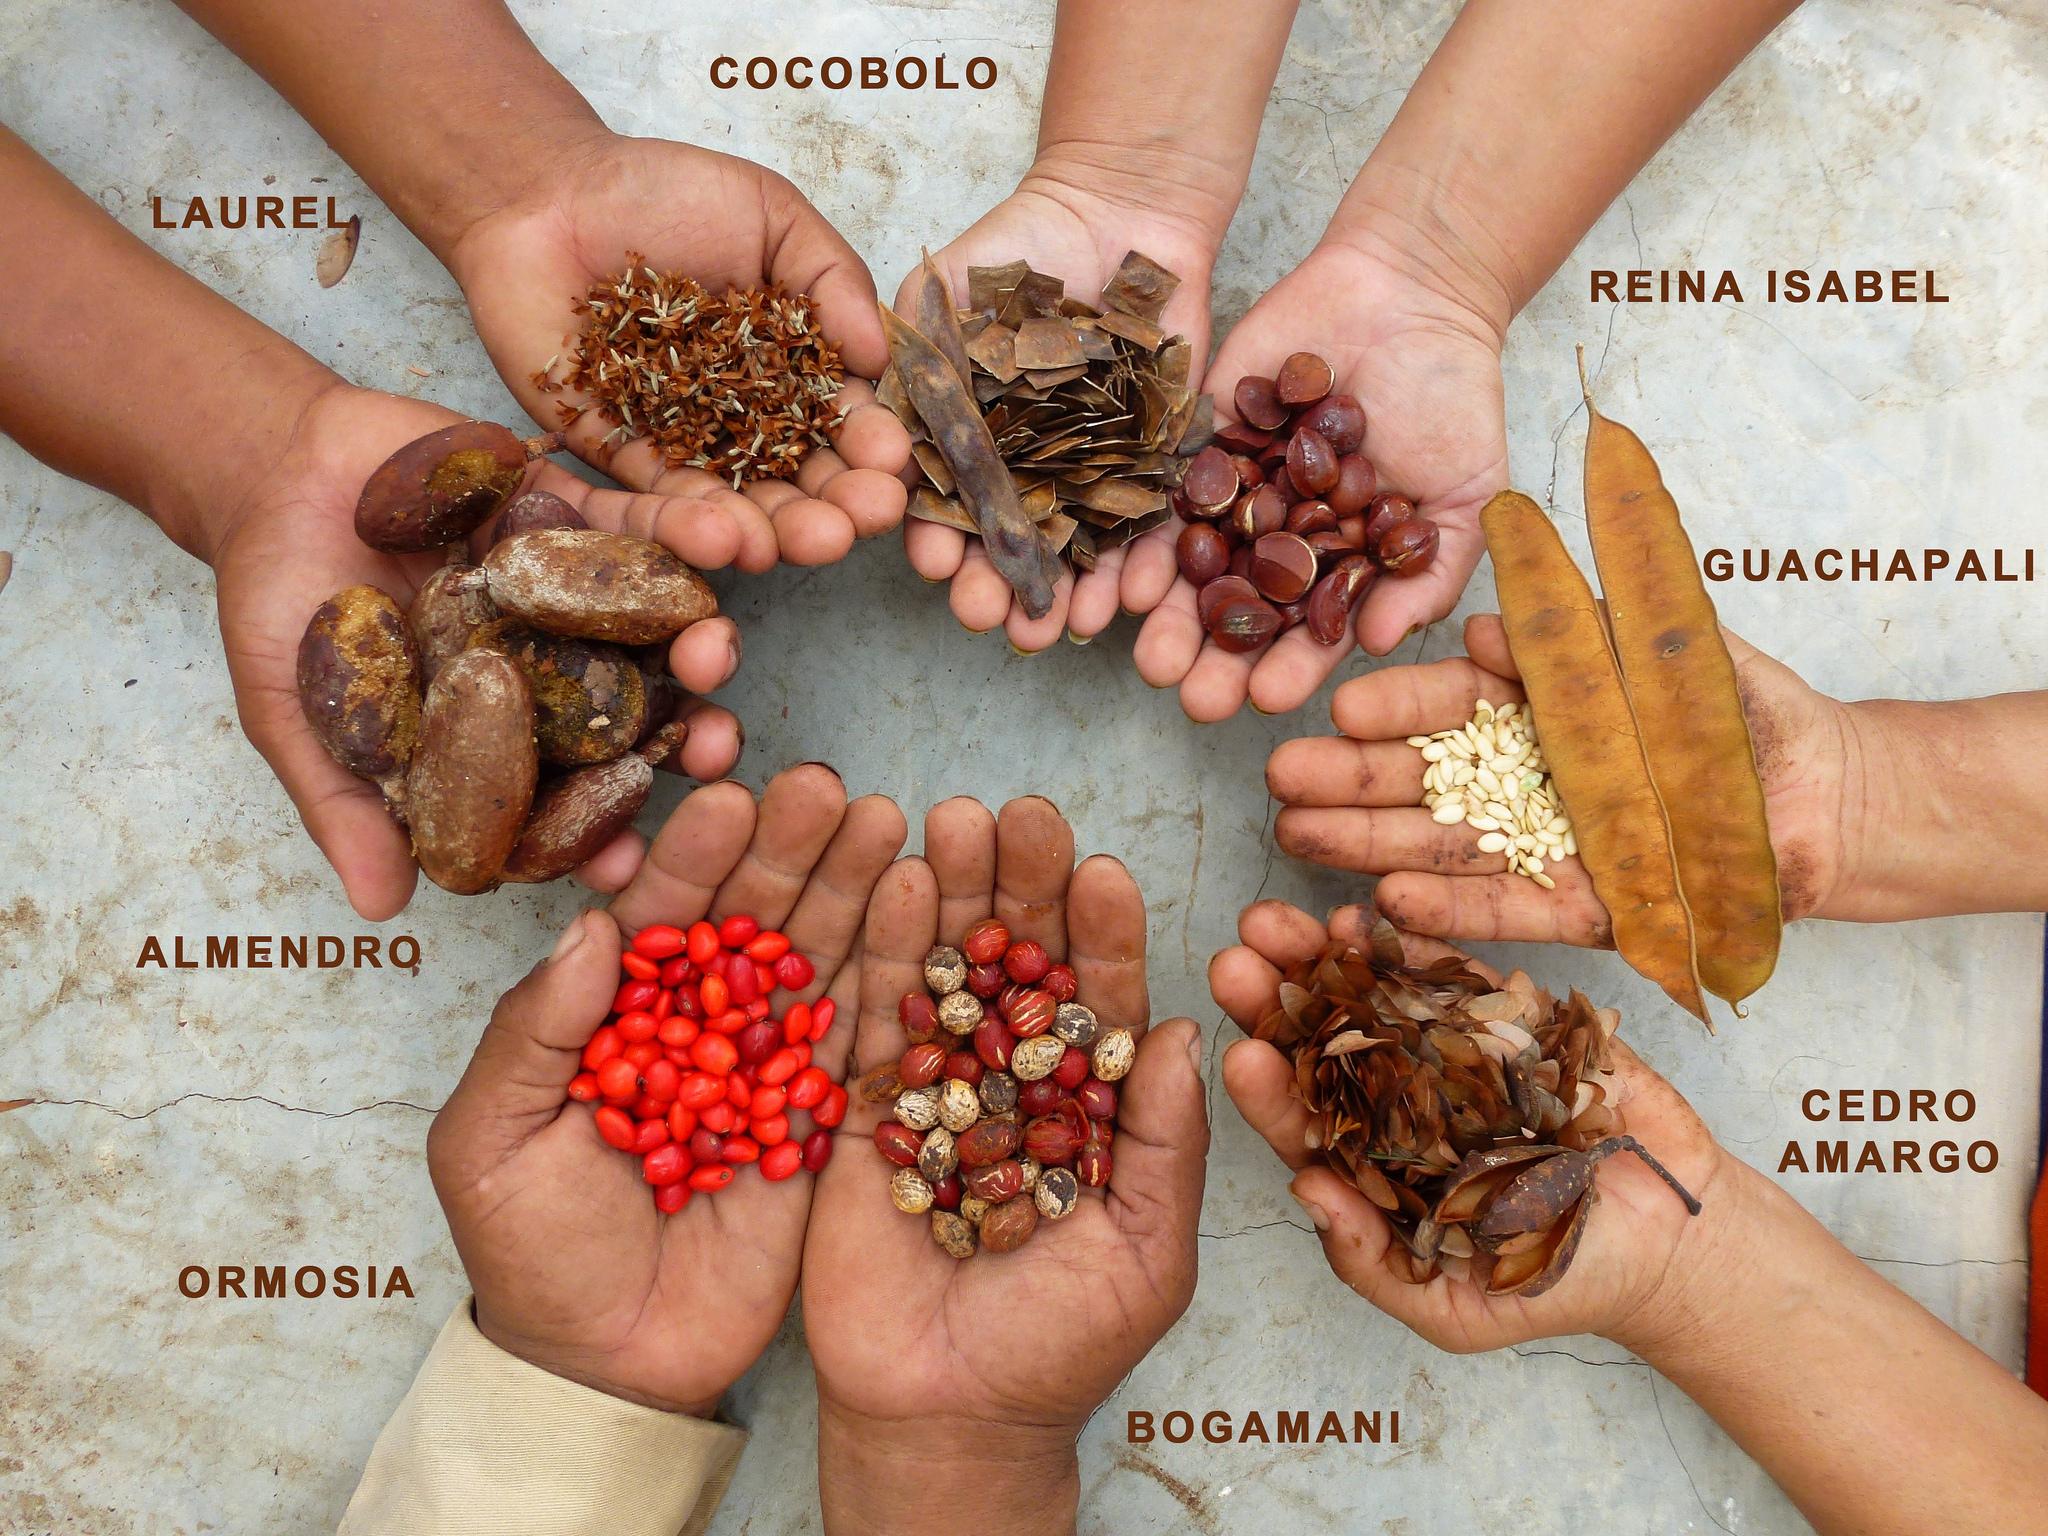 Auch ein Erntematerial: Samen, aus denen wir in unseren eigenen Baumschulen wieder neue Setzlinge für die nächste Generation Wald heranziehen. Die Samenvielfalt spiegelt die Artenvielfalt in den Wäldern wieder: statt Monokulturen pflanzen wir eine Vielzahl heimischer Baumarten. Foto: ForestFinance